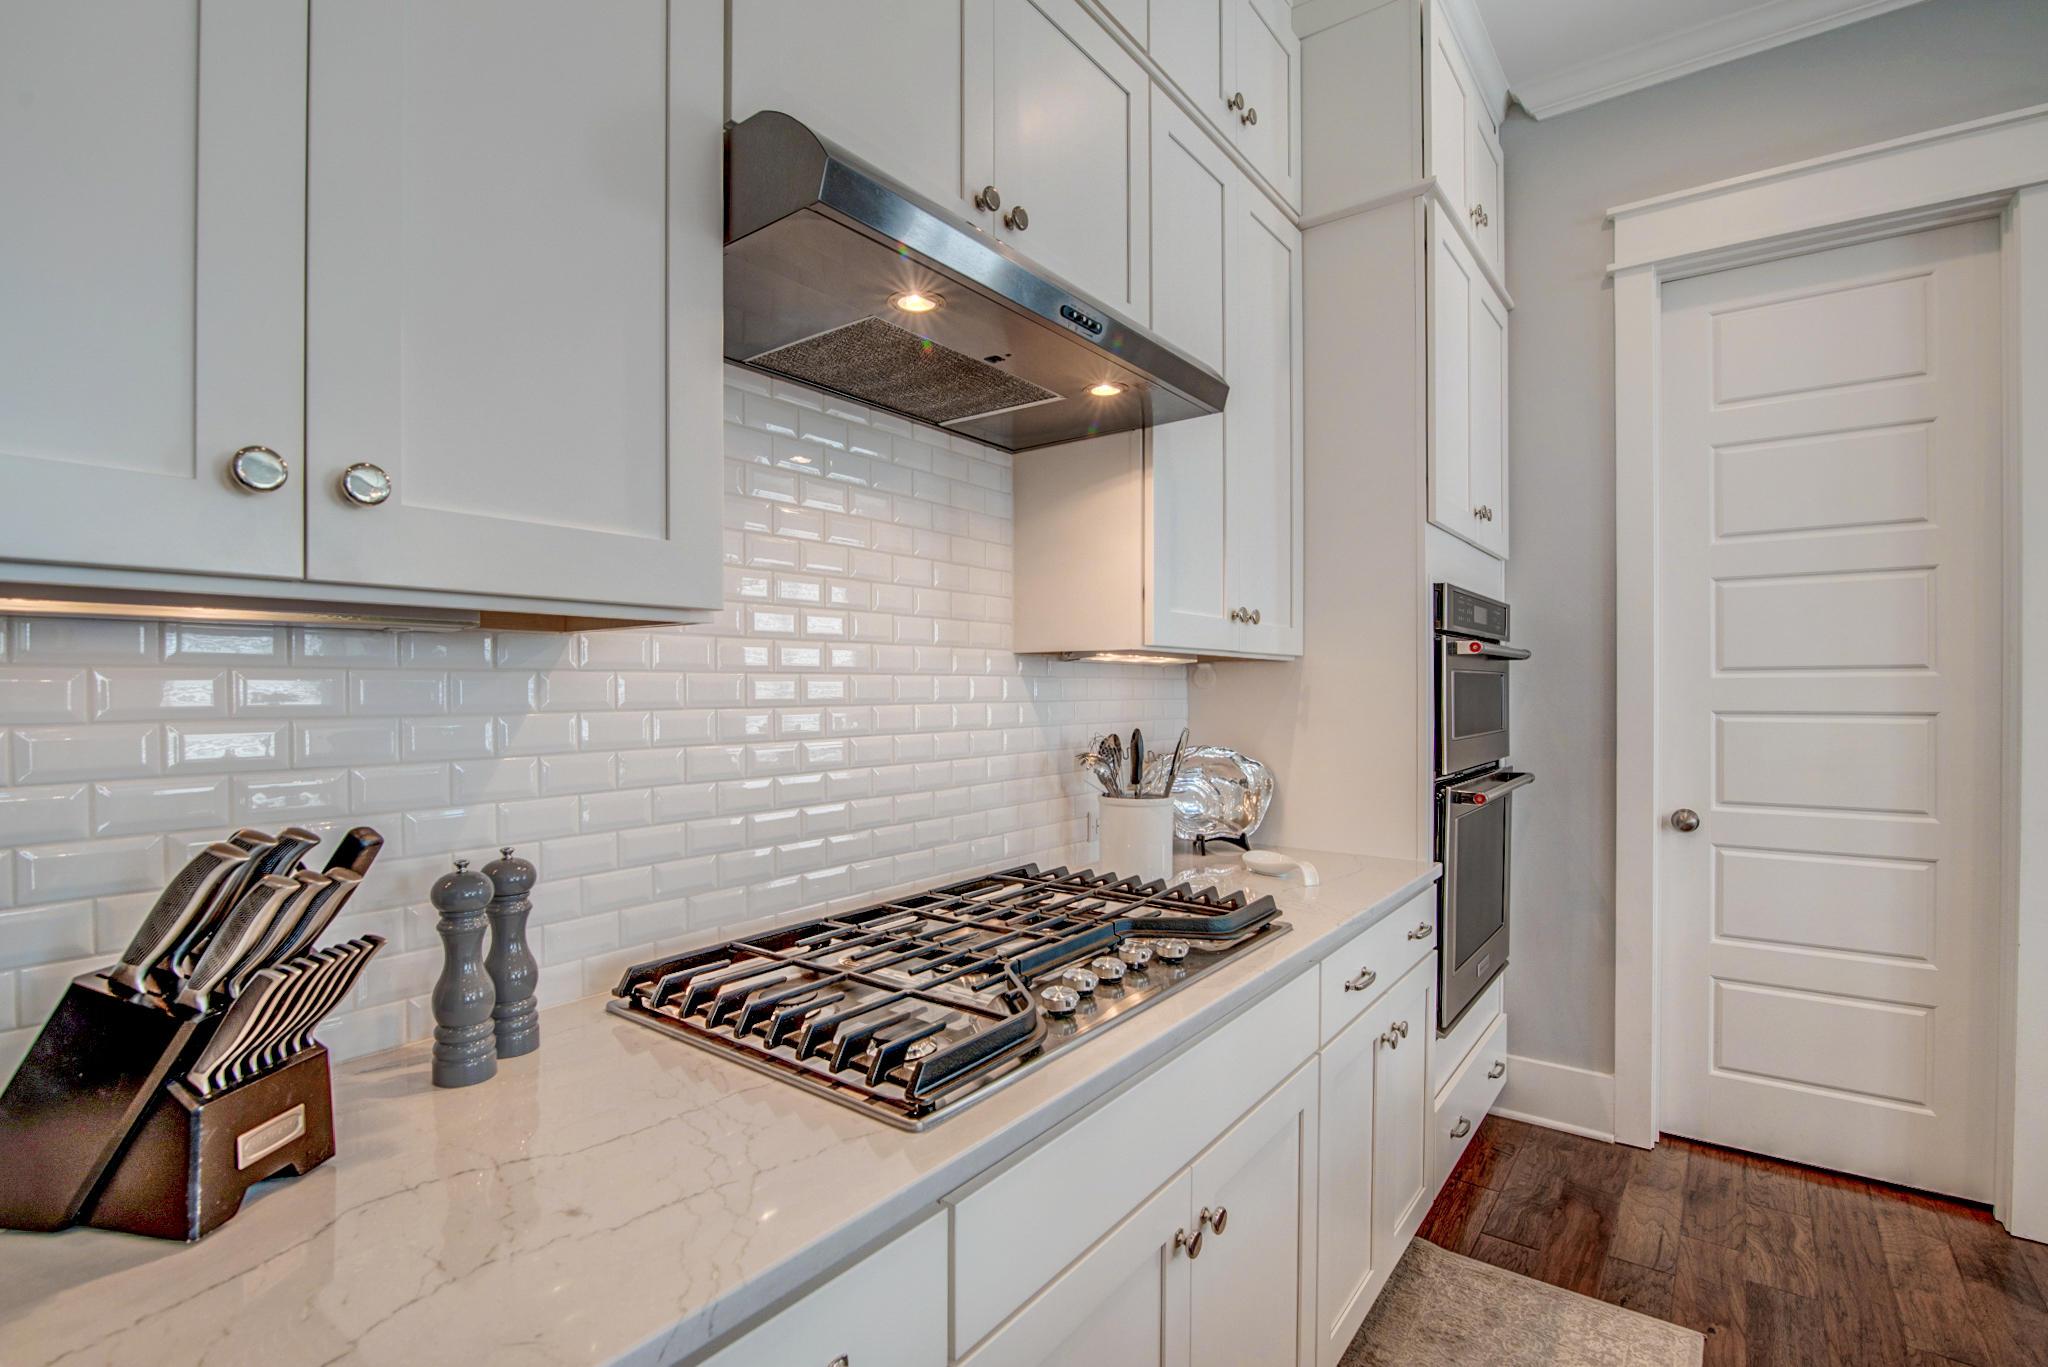 Dunes West Homes For Sale - 2883 River Vista, Mount Pleasant, SC - 44